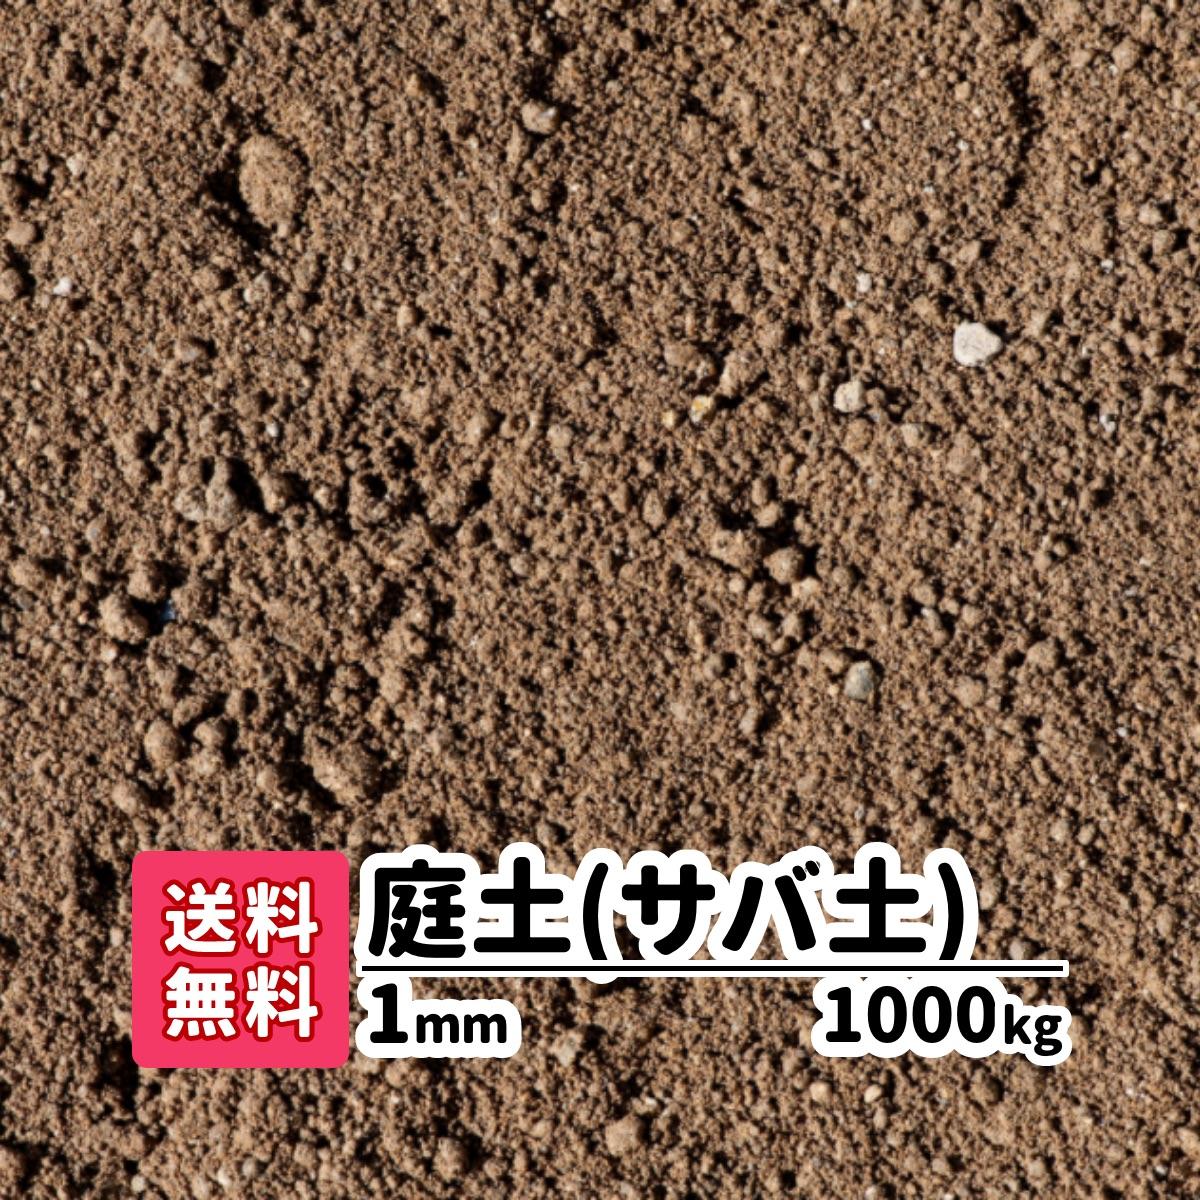 【送料無料】1000kg 庭土(サバ土)1mm(20kg×50)愛知県産 庭 花壇 園芸 プランター ガーデニング 芝生 芝の下地 グラウンド ぬかるみ補修